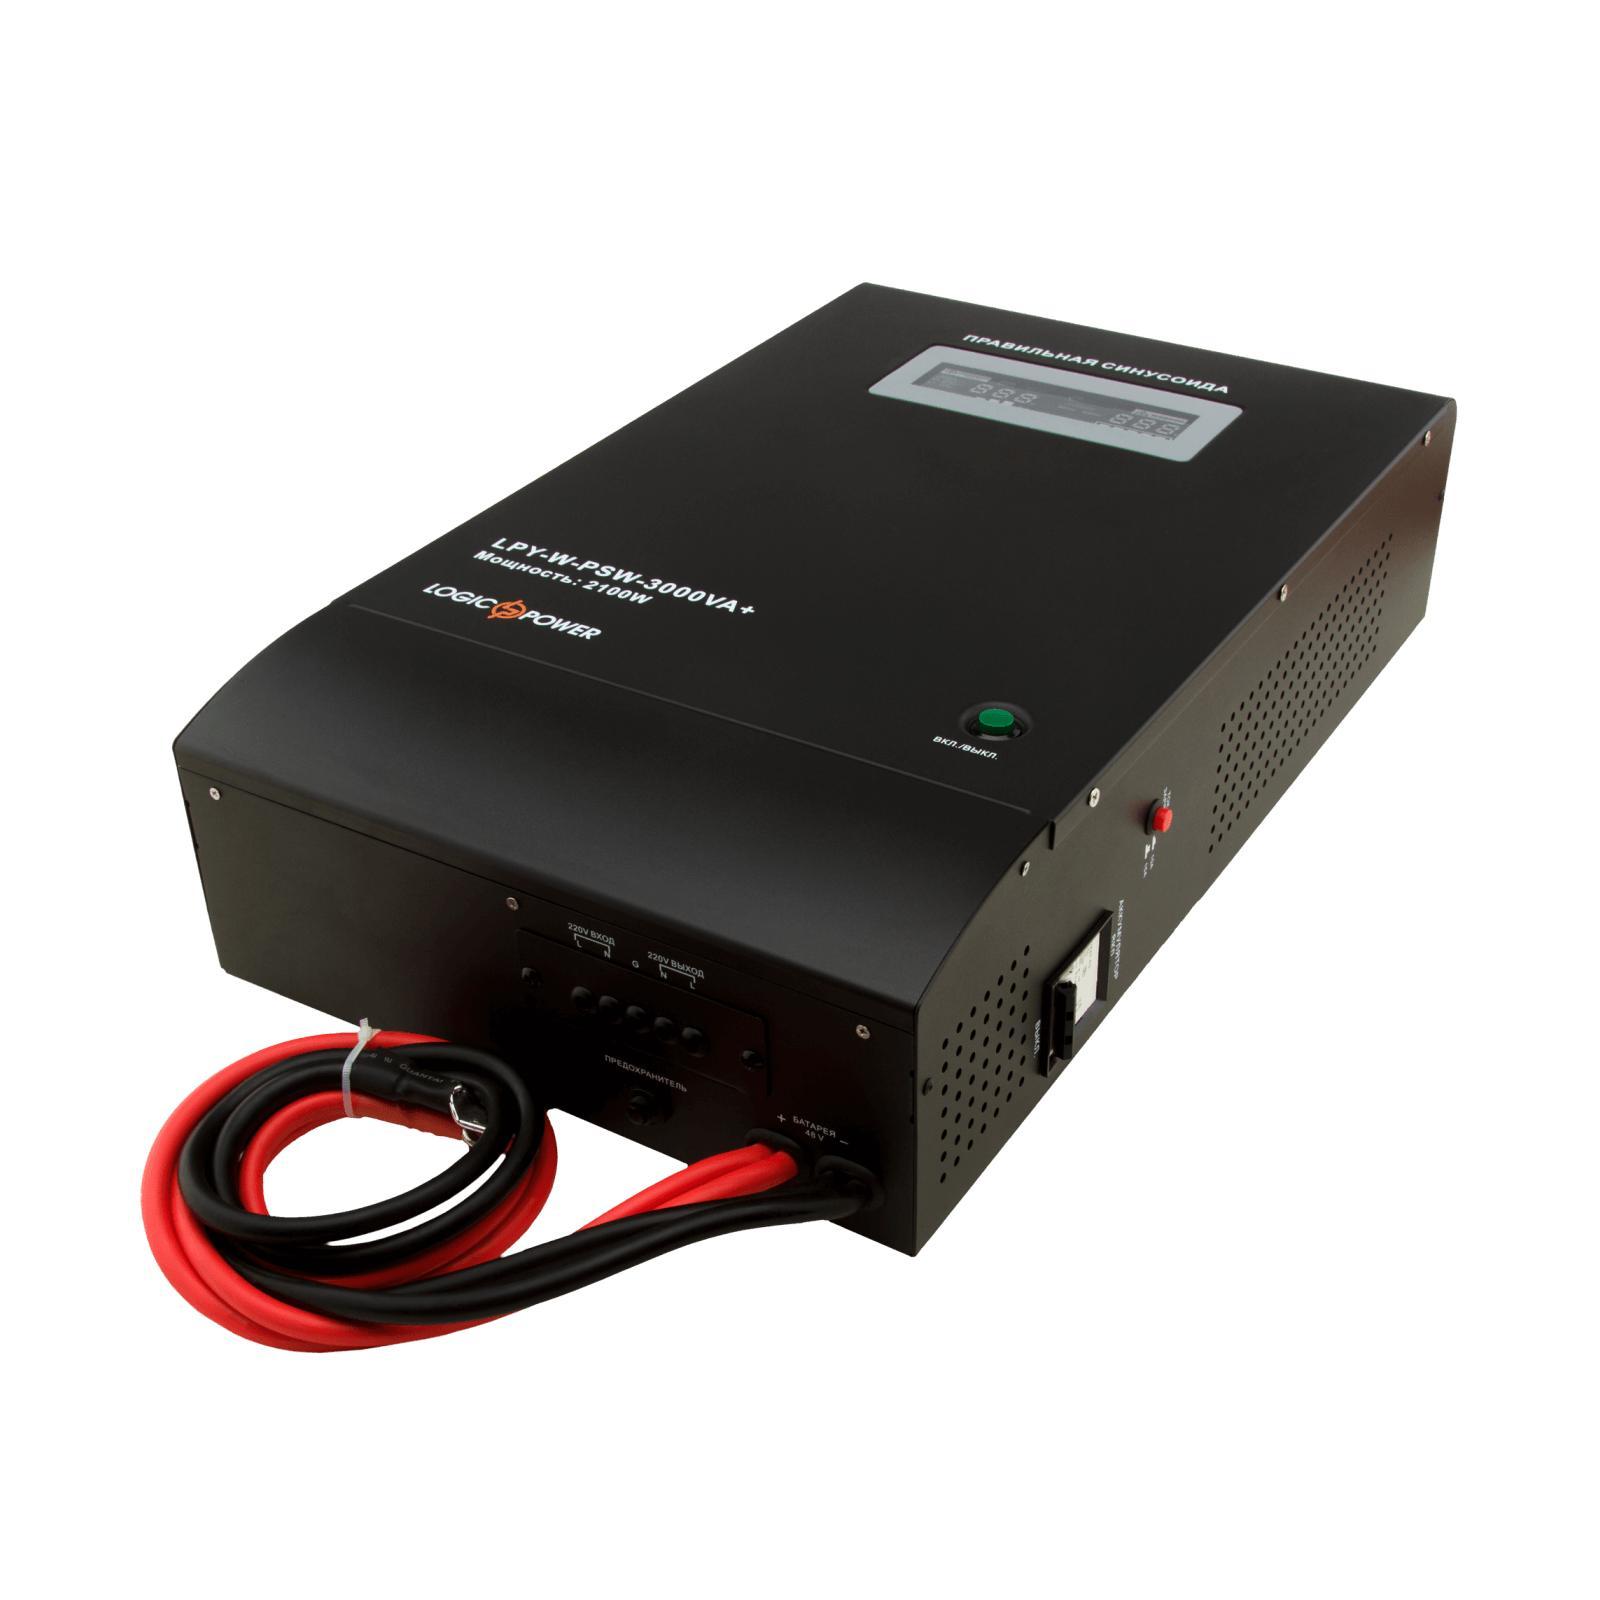 Источник бесперебойного питания LogicPower LPY- W - PSW-3000VA+, 10А/20А (4147) изображение 2